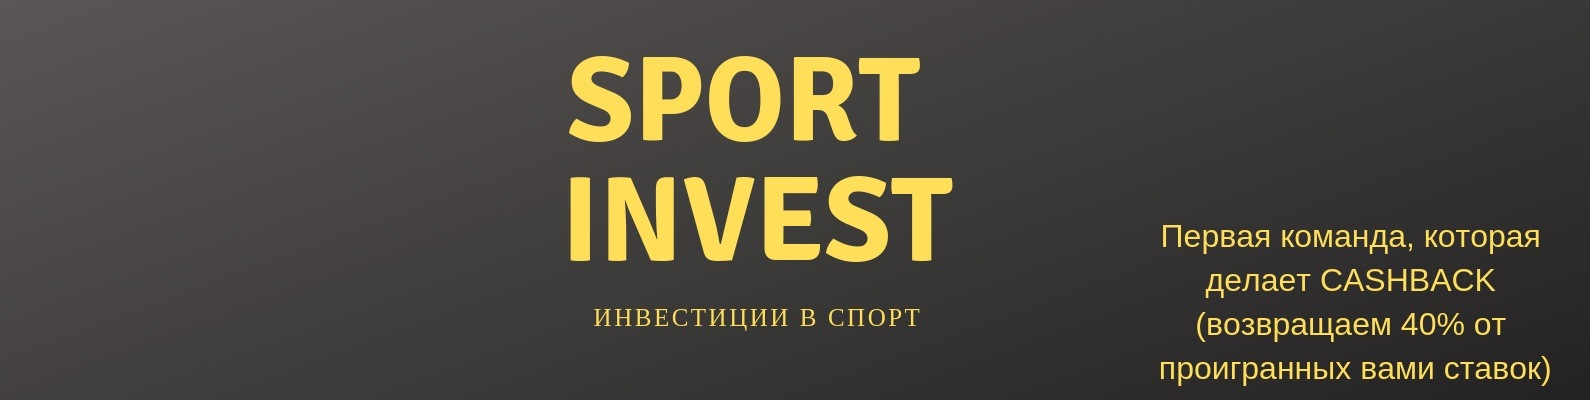 Инвест на ставках спорт